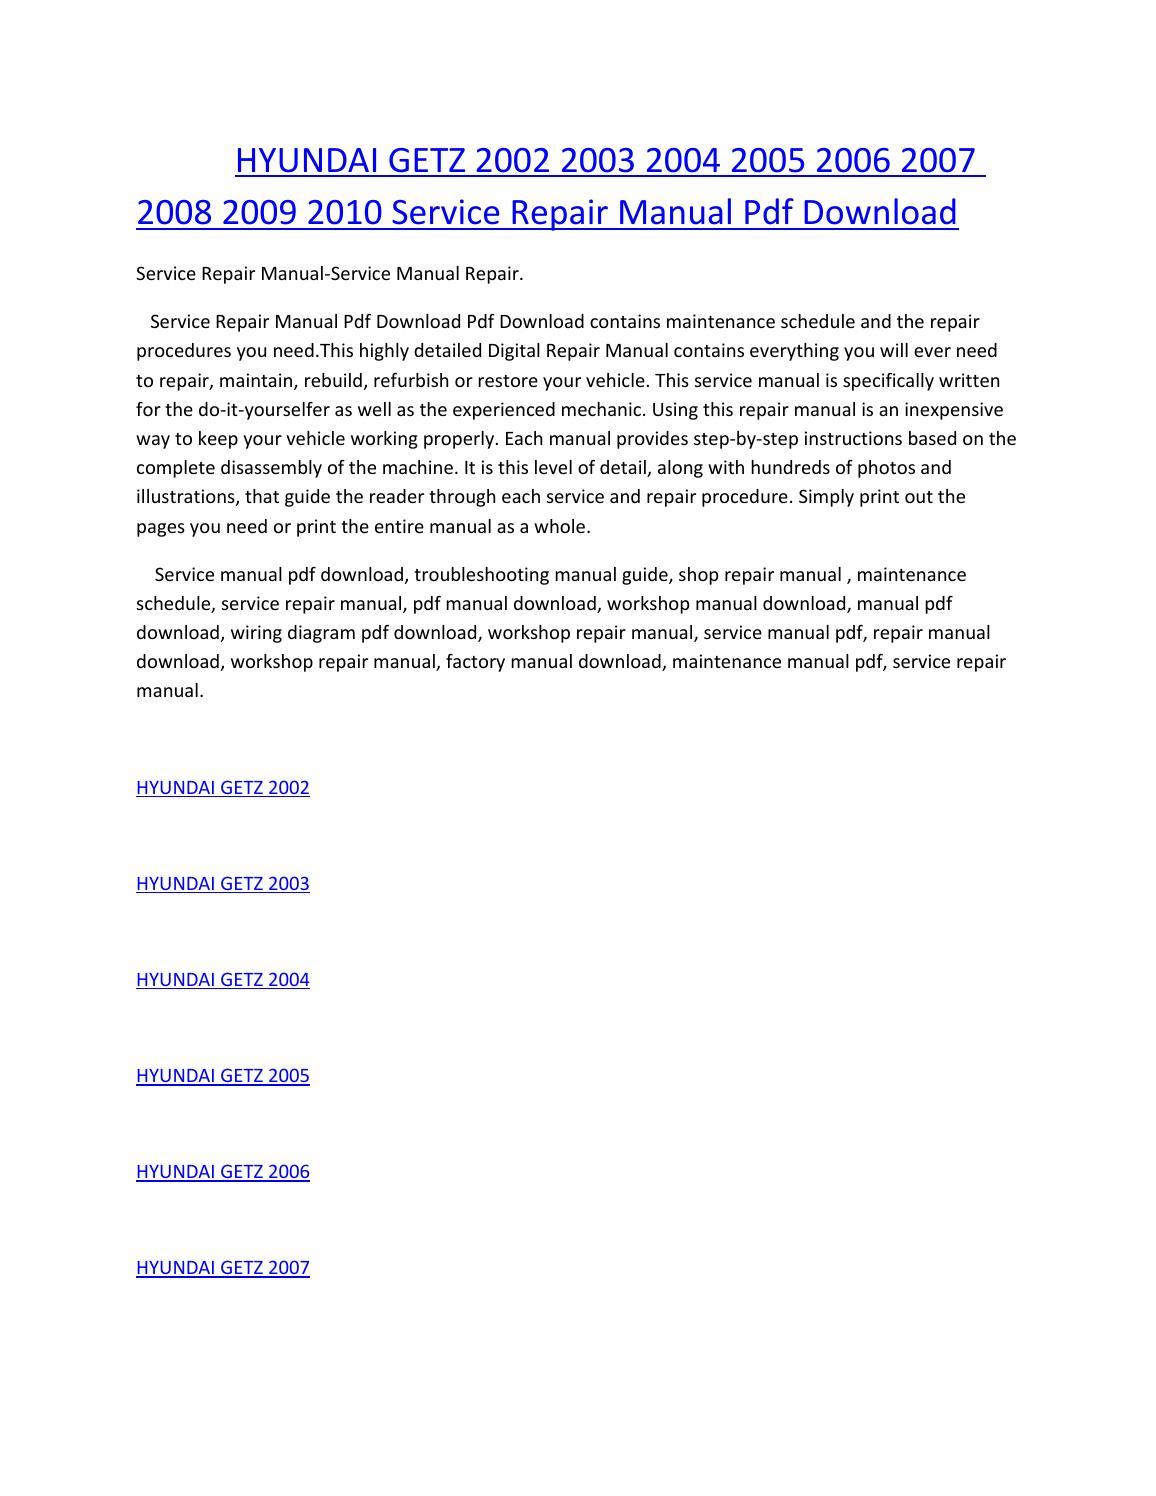 Hyundai getz 2002 2003 2004 2005 2006 2007 2008 2009 2010 service manual  repair pdf download by amurgului - issuu